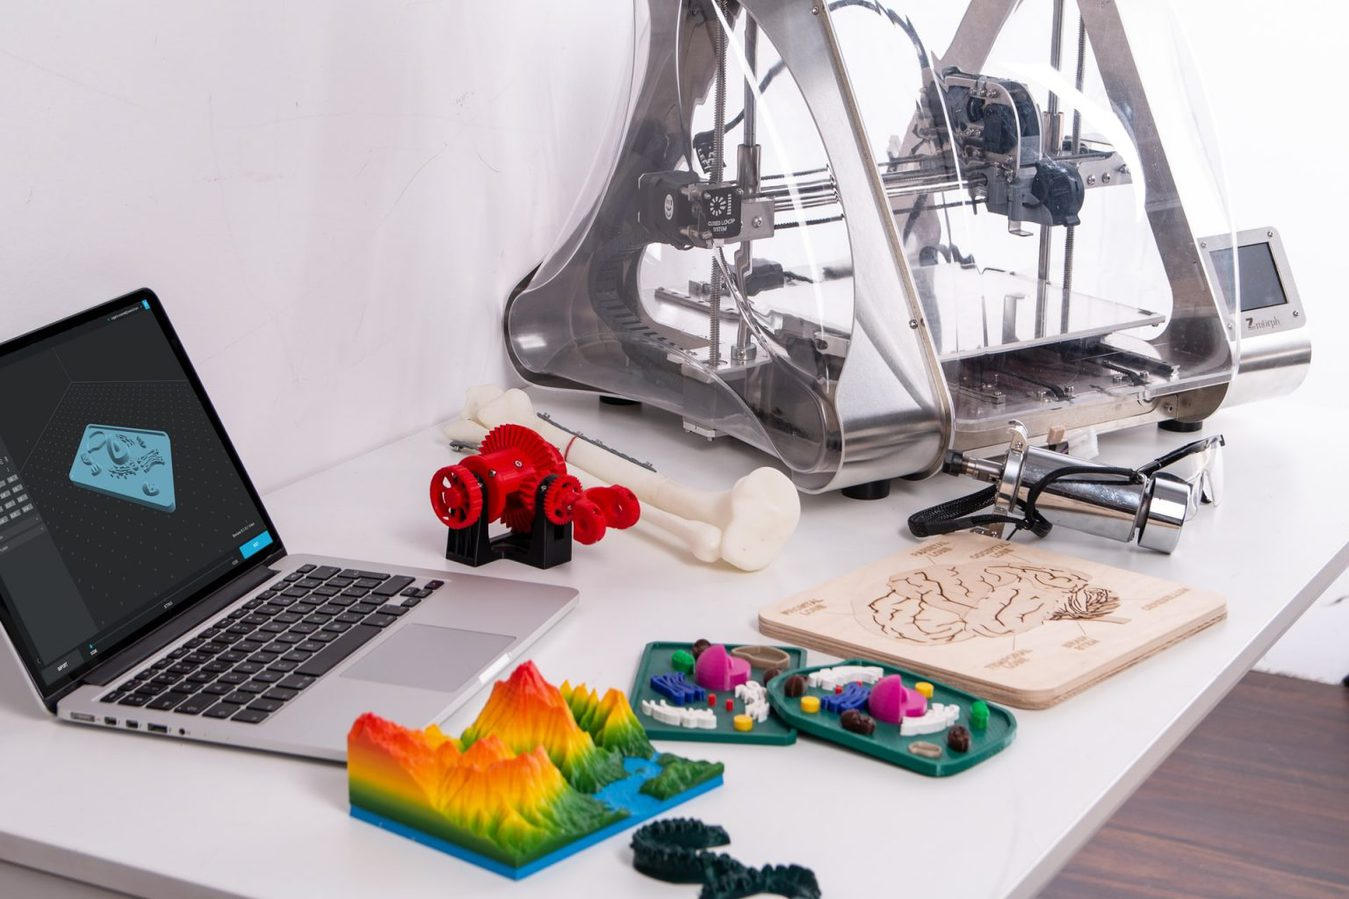 Impressora 3D com vários produtos e portátil.